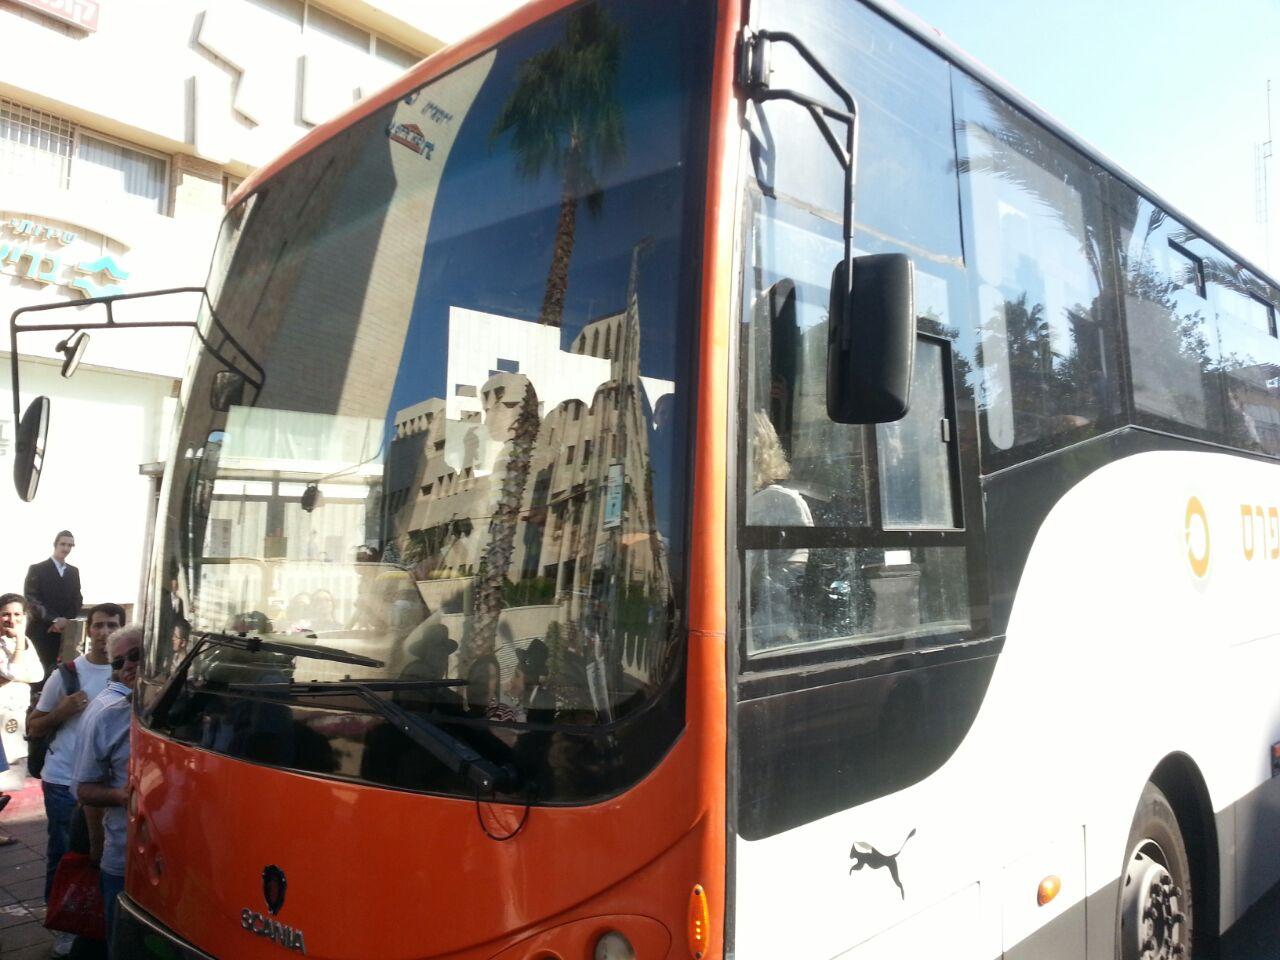 אוטובוס אוטובוסים חרדים נוסעים זועמים - צילם יהודה רחמים 24 (8)